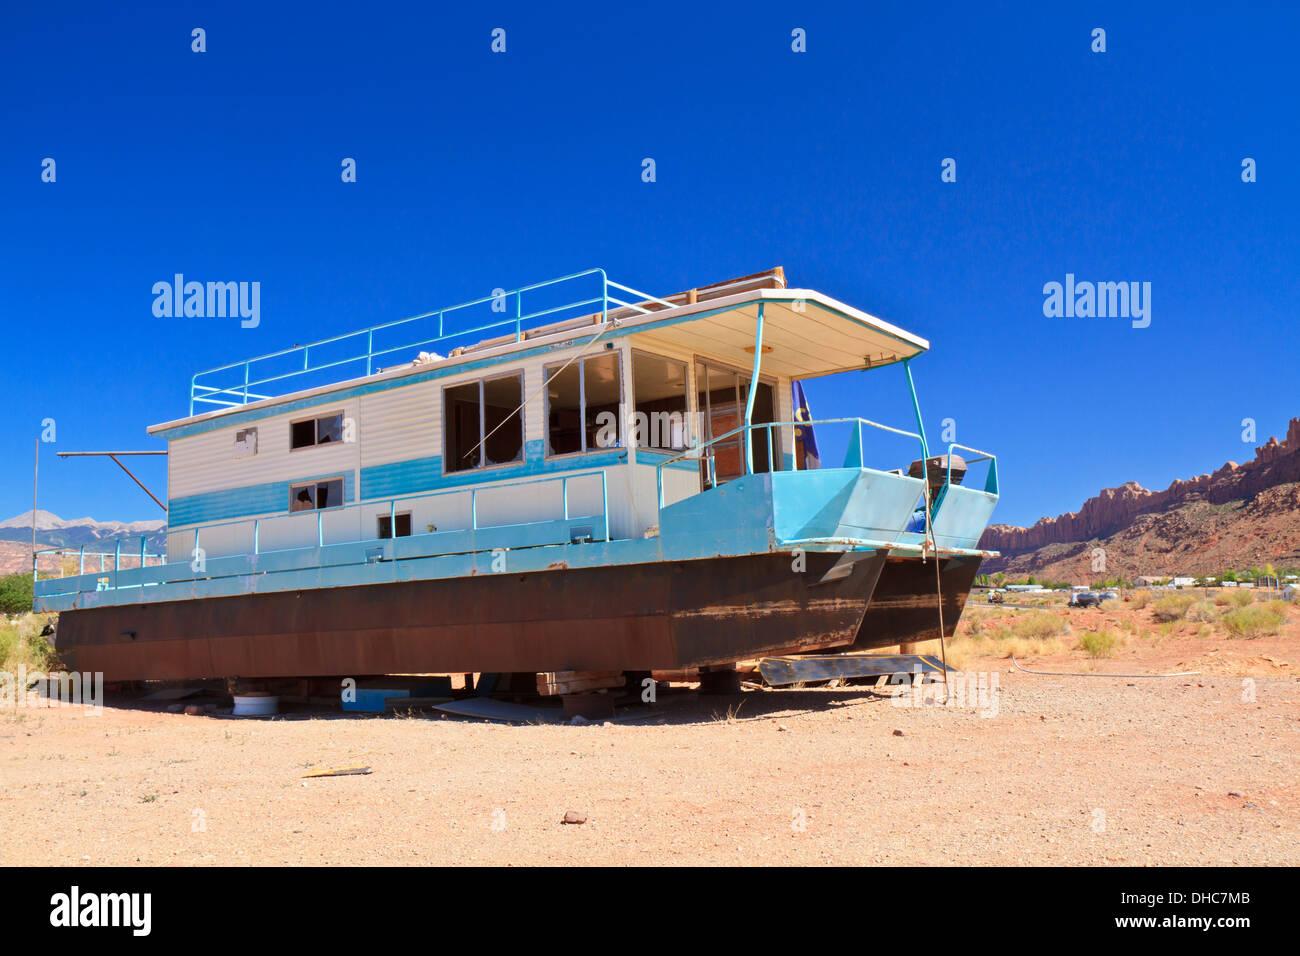 Rusty houseboat stranded in the desert near Moab, Utah - Stock Image